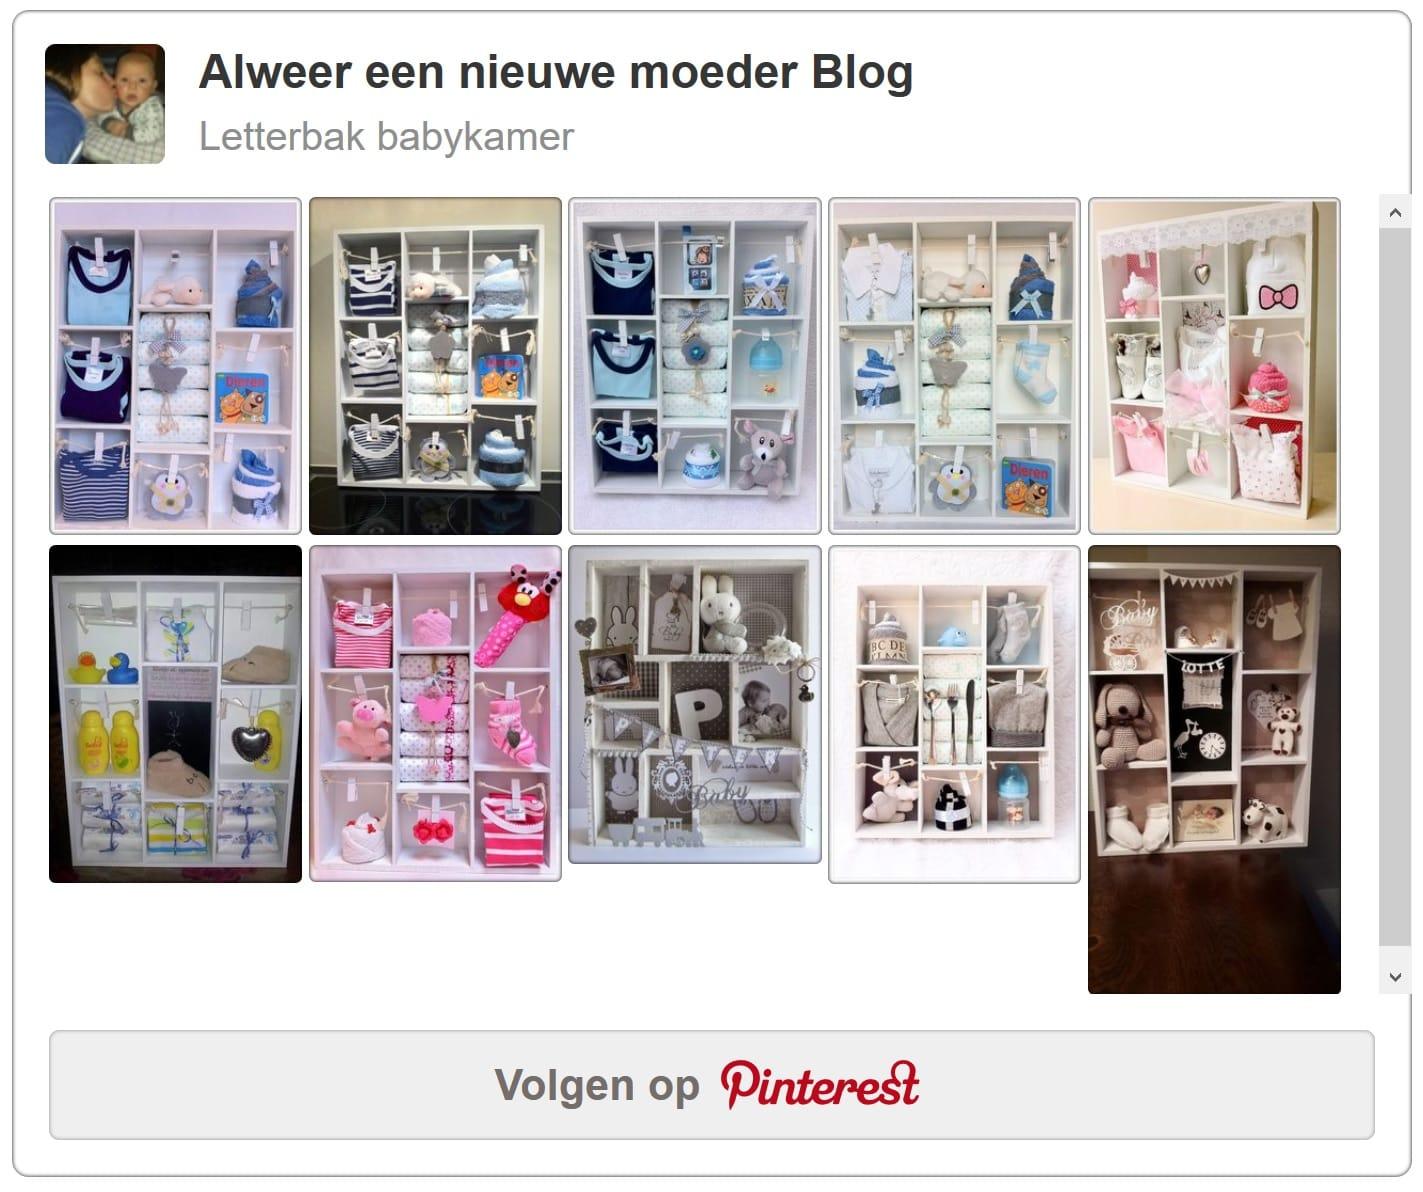 Babykamer inspiratie leuks voor aan de muur alweer een nieuwe moeder blog persoonlijk mamablog - Zin babykamer ...